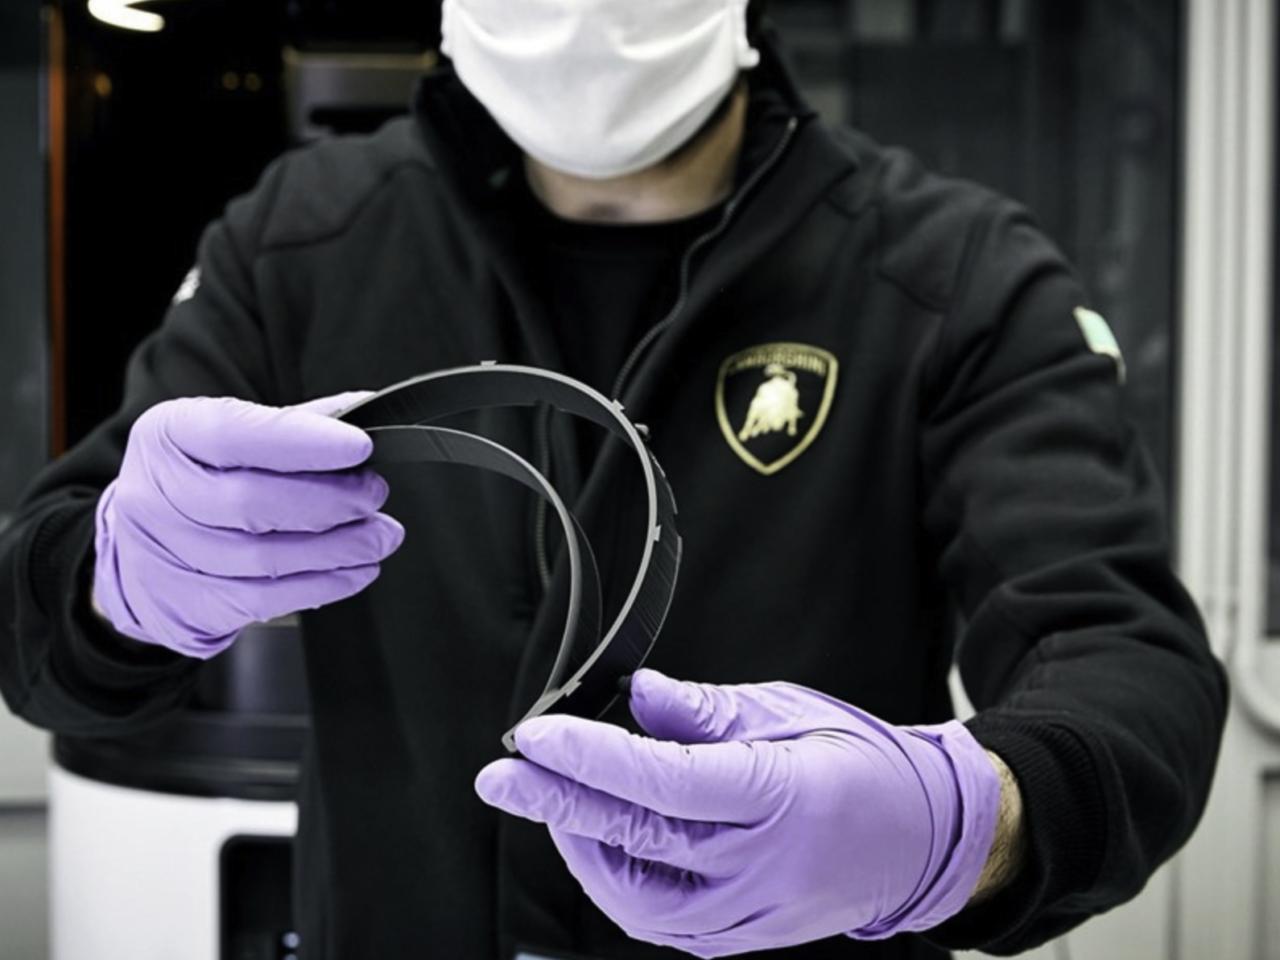 Lamborghini comienza producción de máscaras por Covid-19-4